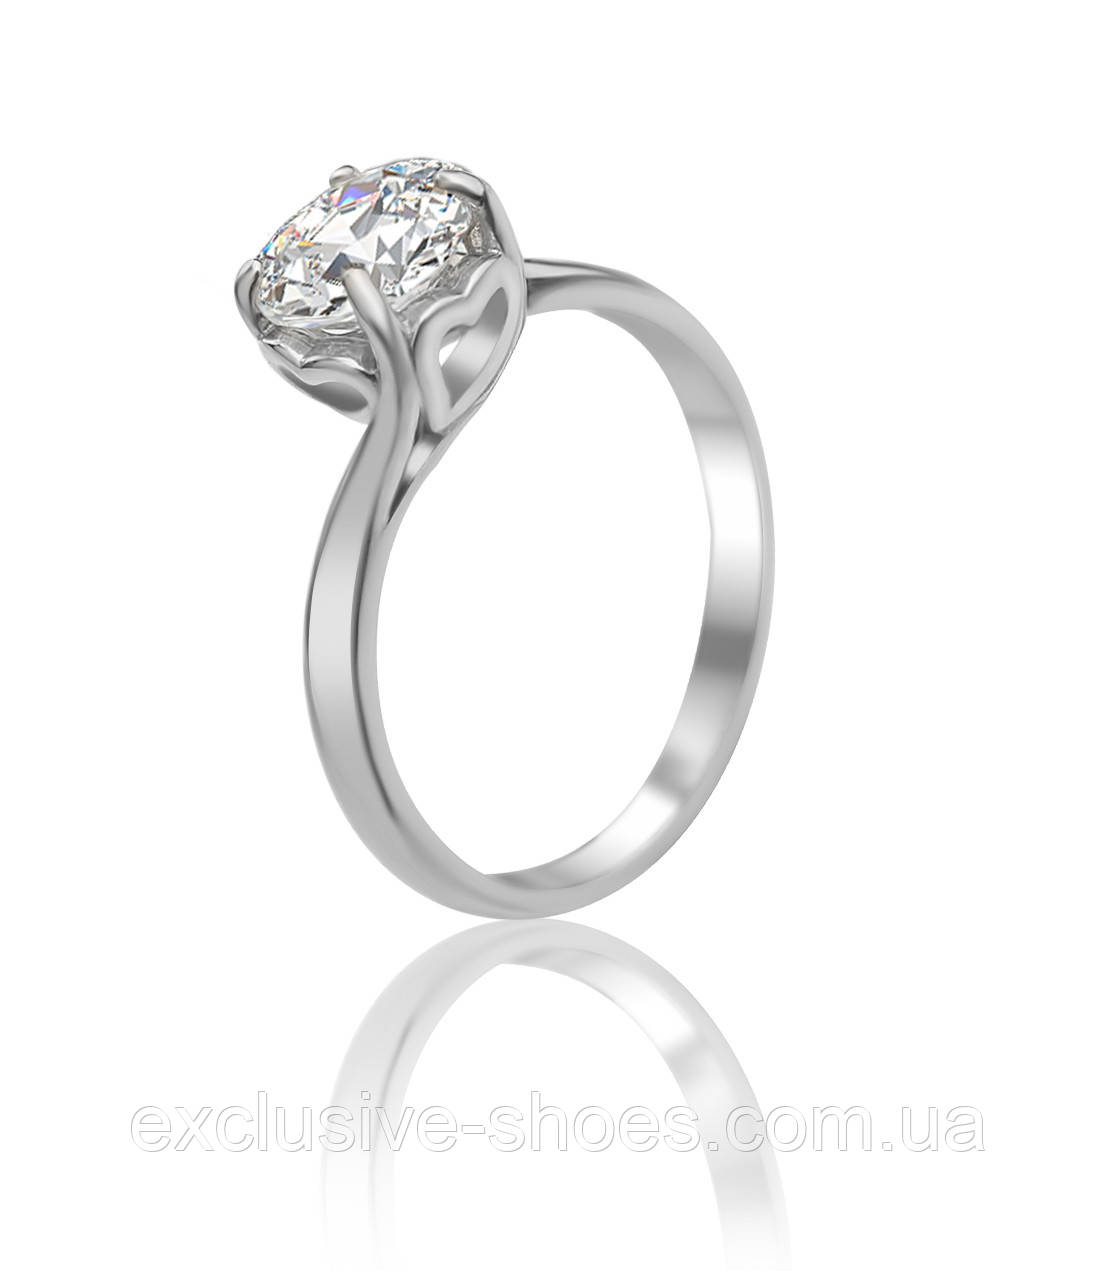 """Серебряное кольцо с крупным красивым фианитом"""" Star"""", арт-910091б"""